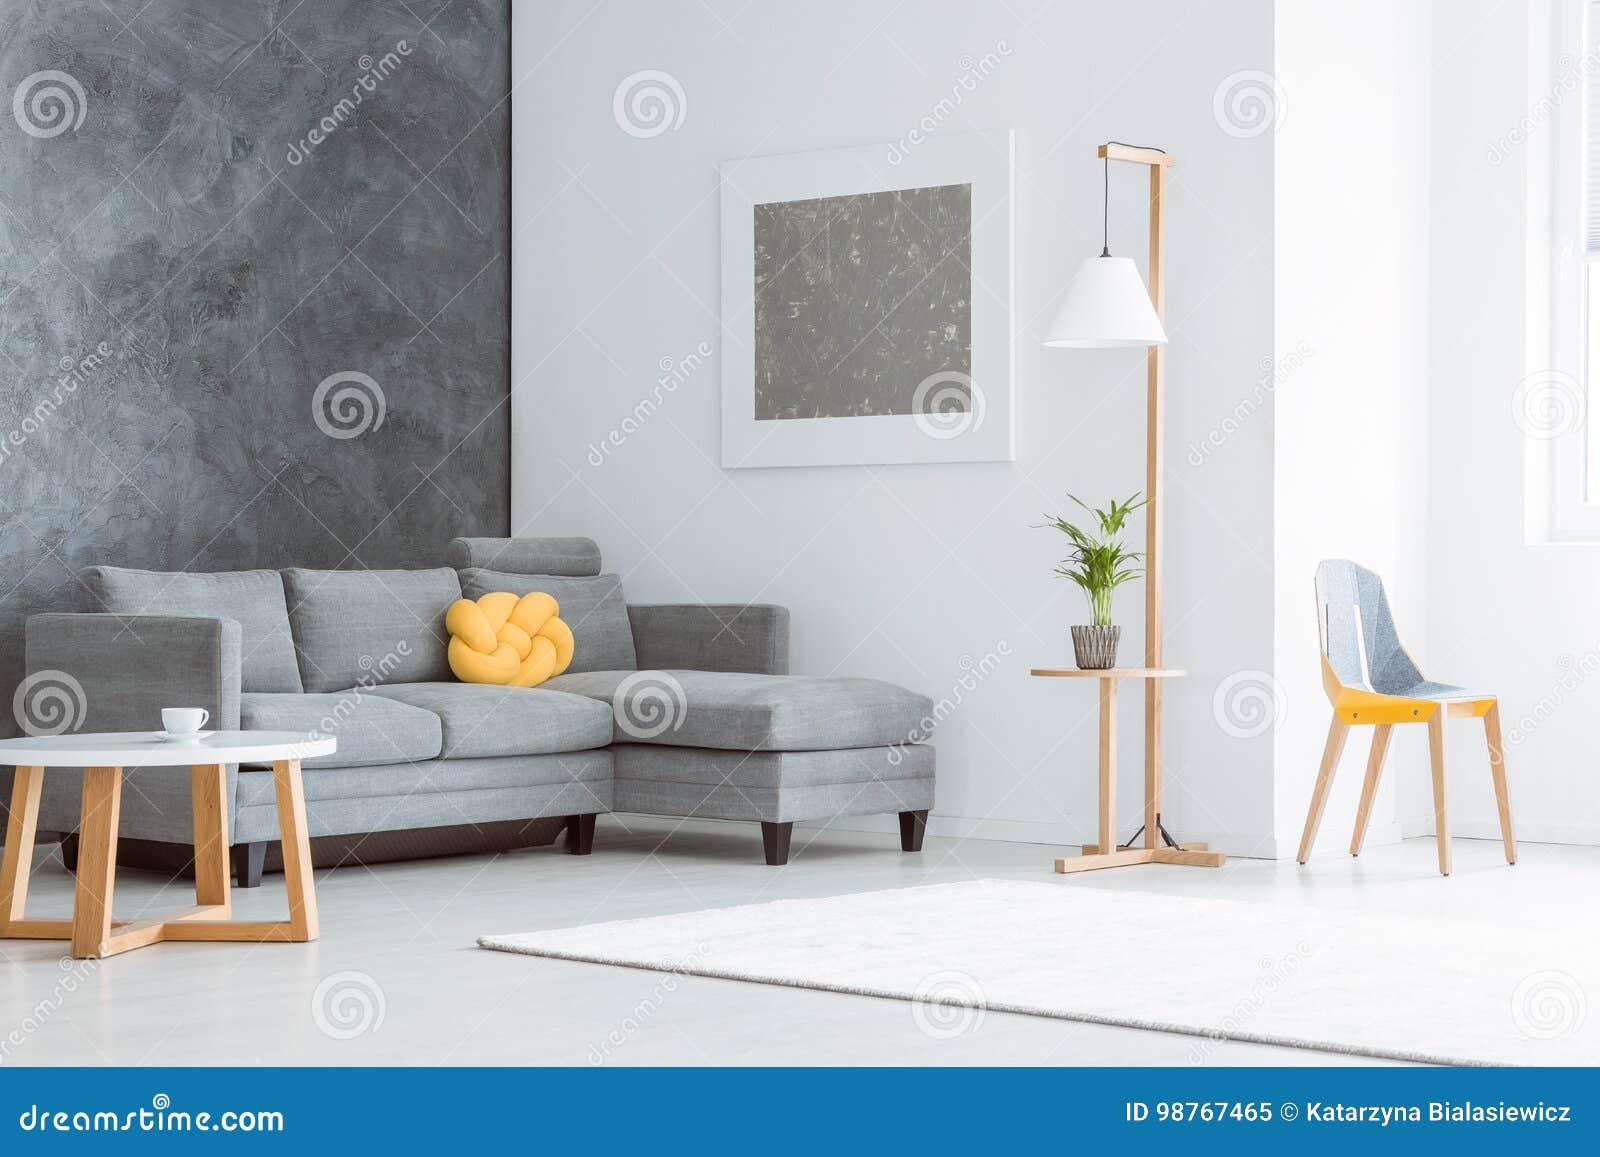 Geräumiges Wohnzimmer Mit Malerei